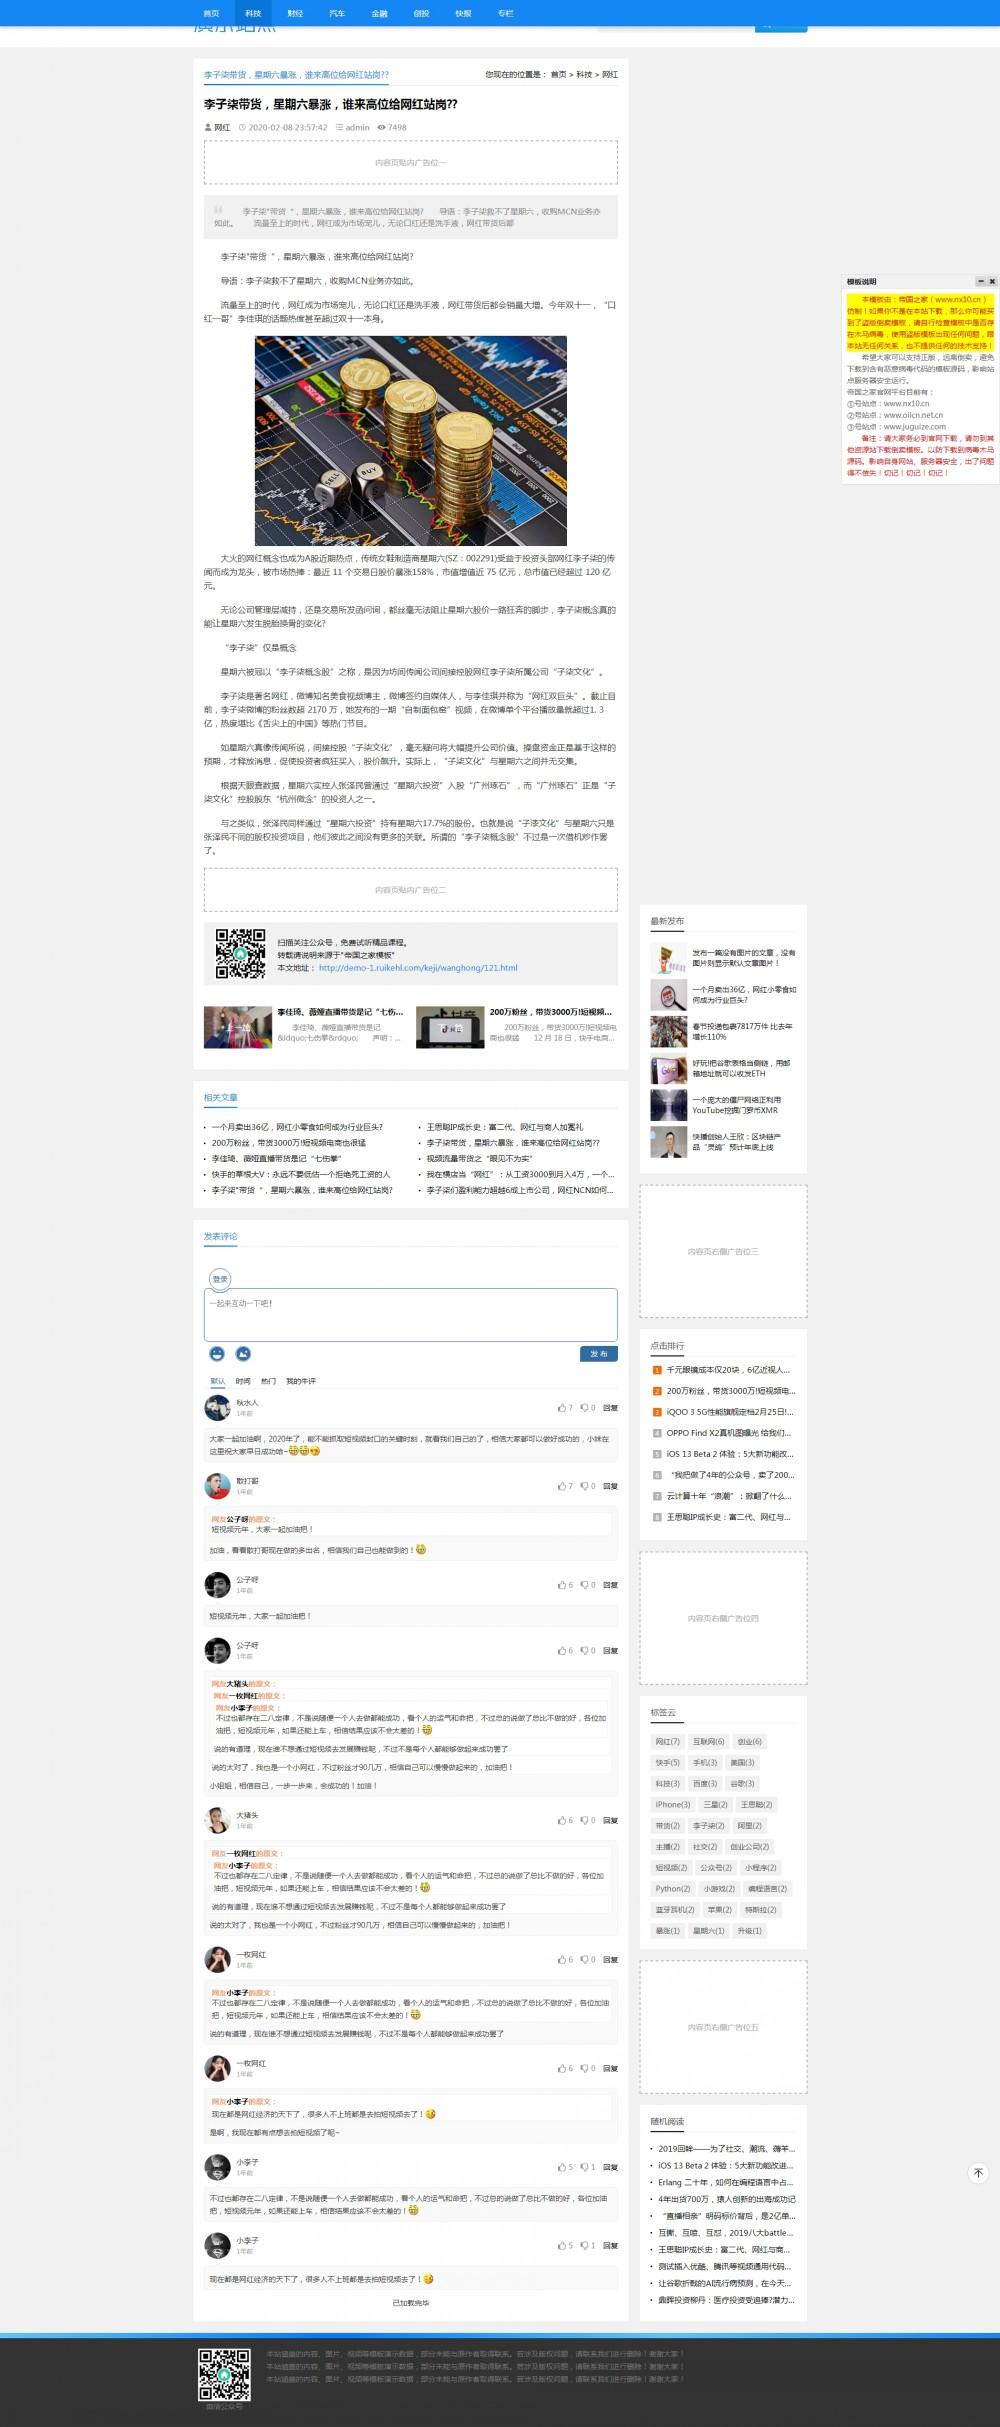 3文章内容页.jpg [DG-0203]响应式新闻资讯门户帝国cms模板 自适应资讯门户帝国网站模板下载 新闻资讯 第3张